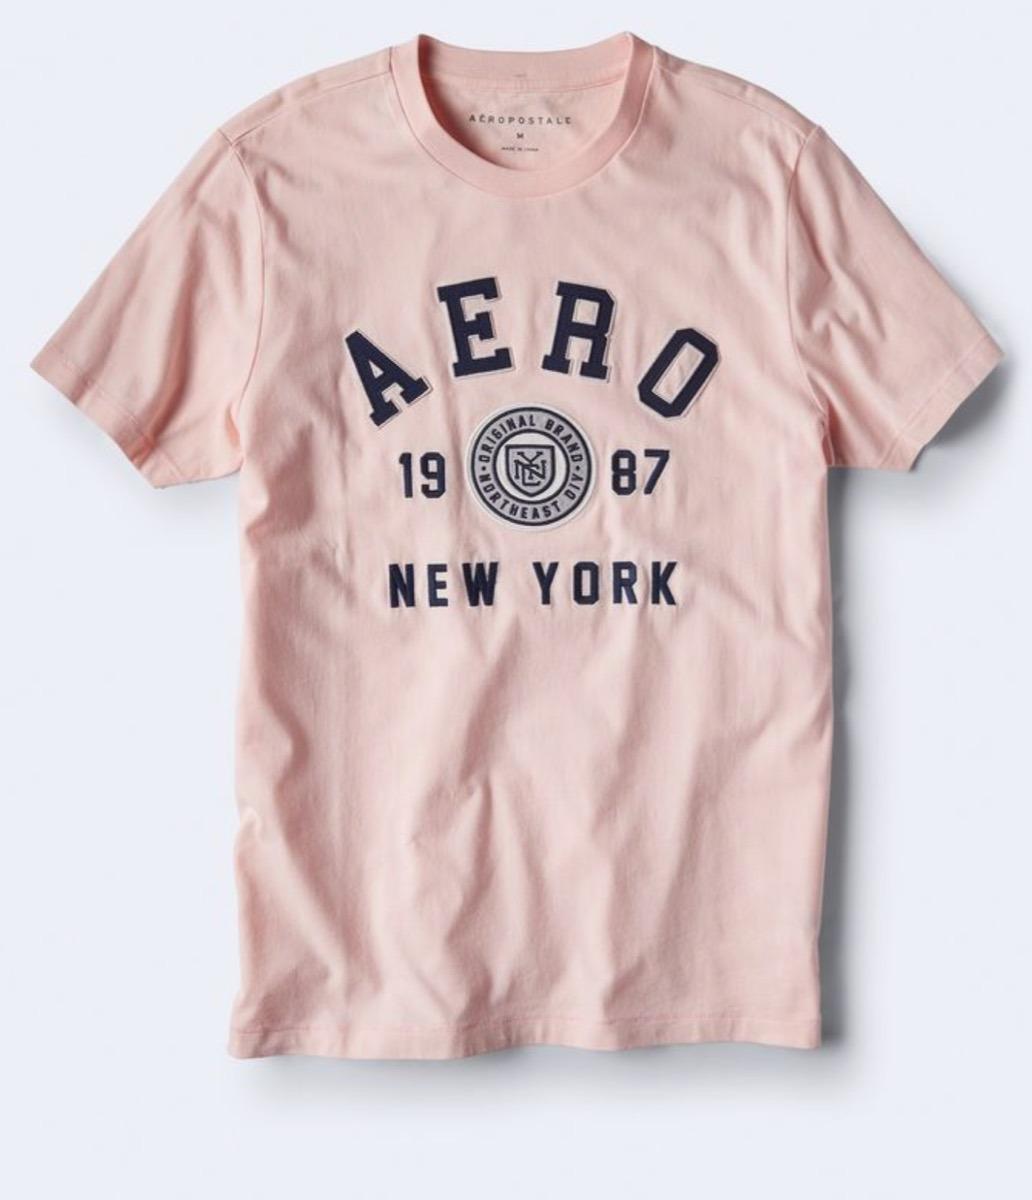 abcdb53a9 camiseta aeropostale feminina original. Carregando zoom.